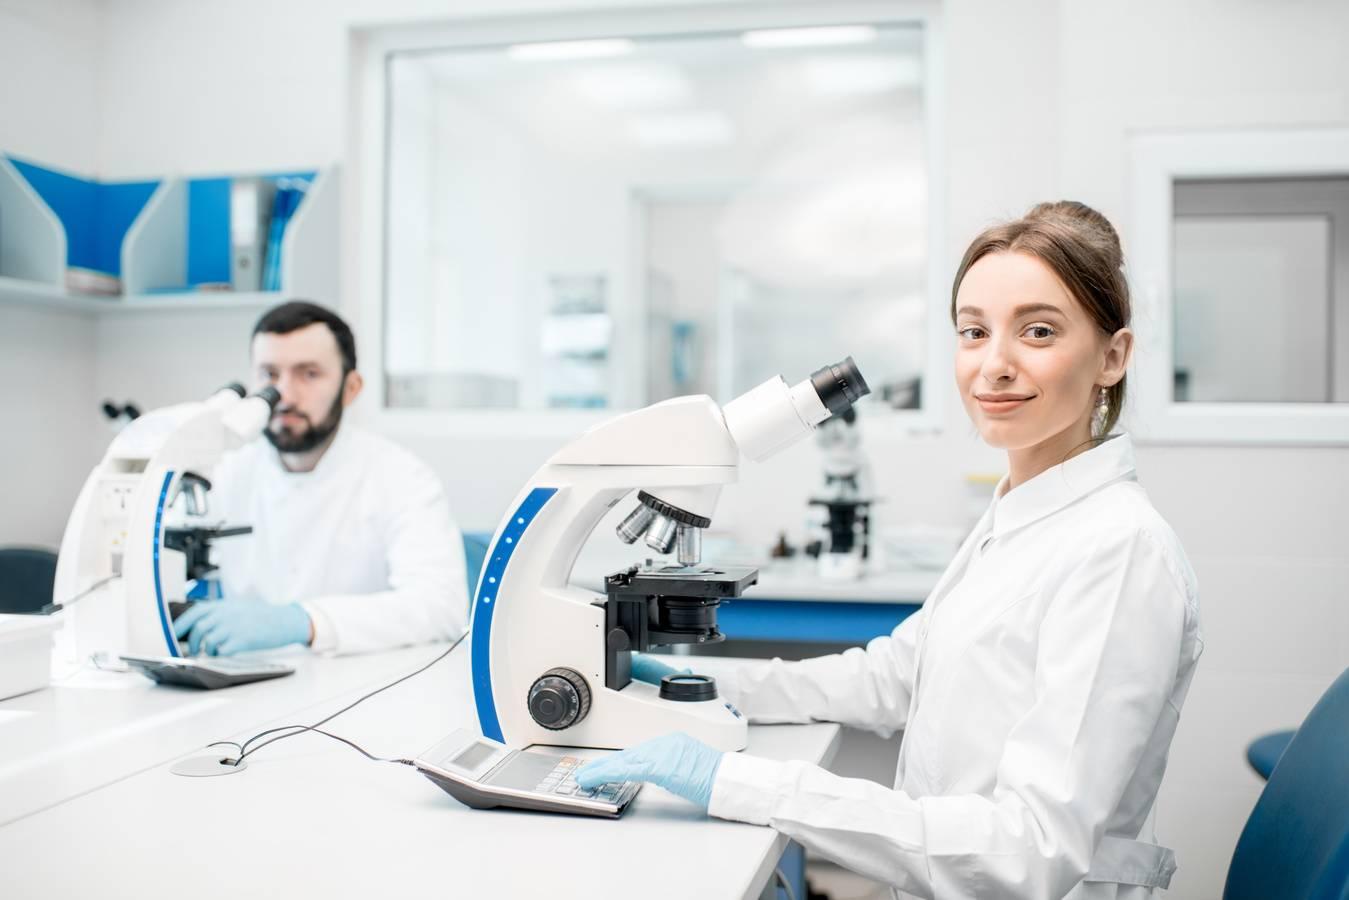 Medizinisch-technischer Laboratoriumsassistent – MTLA